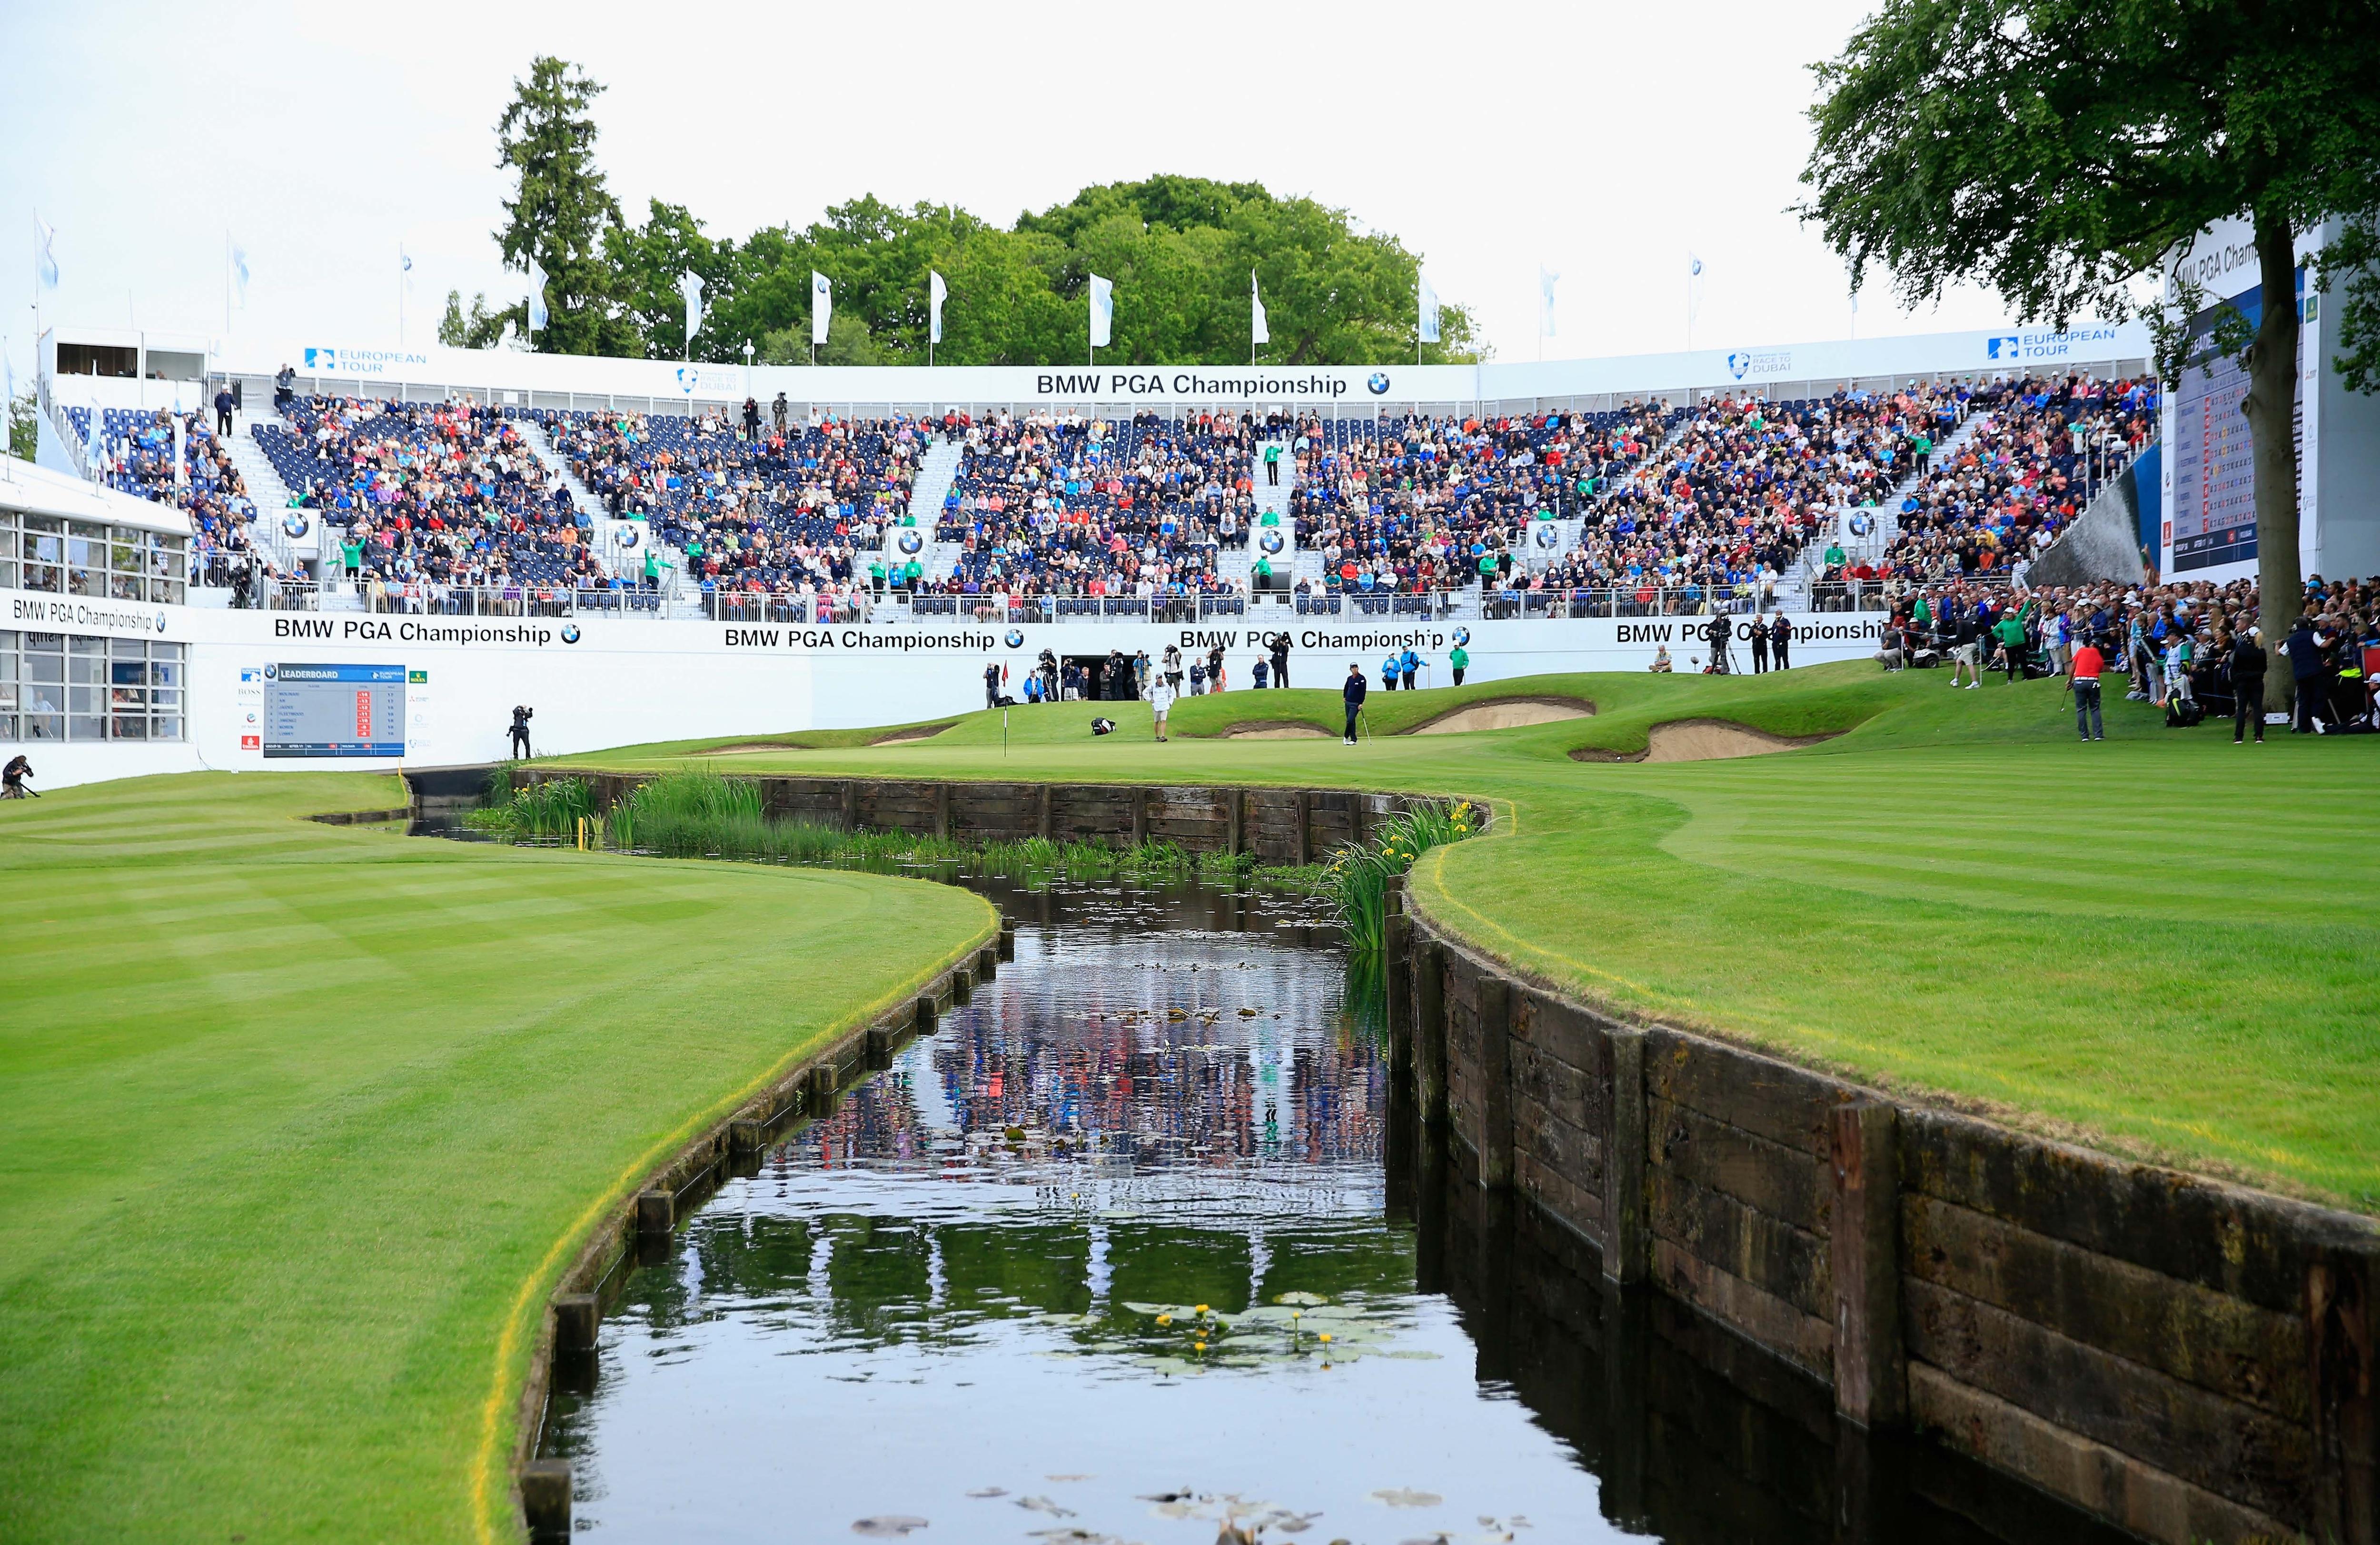 BMW PGA Championship